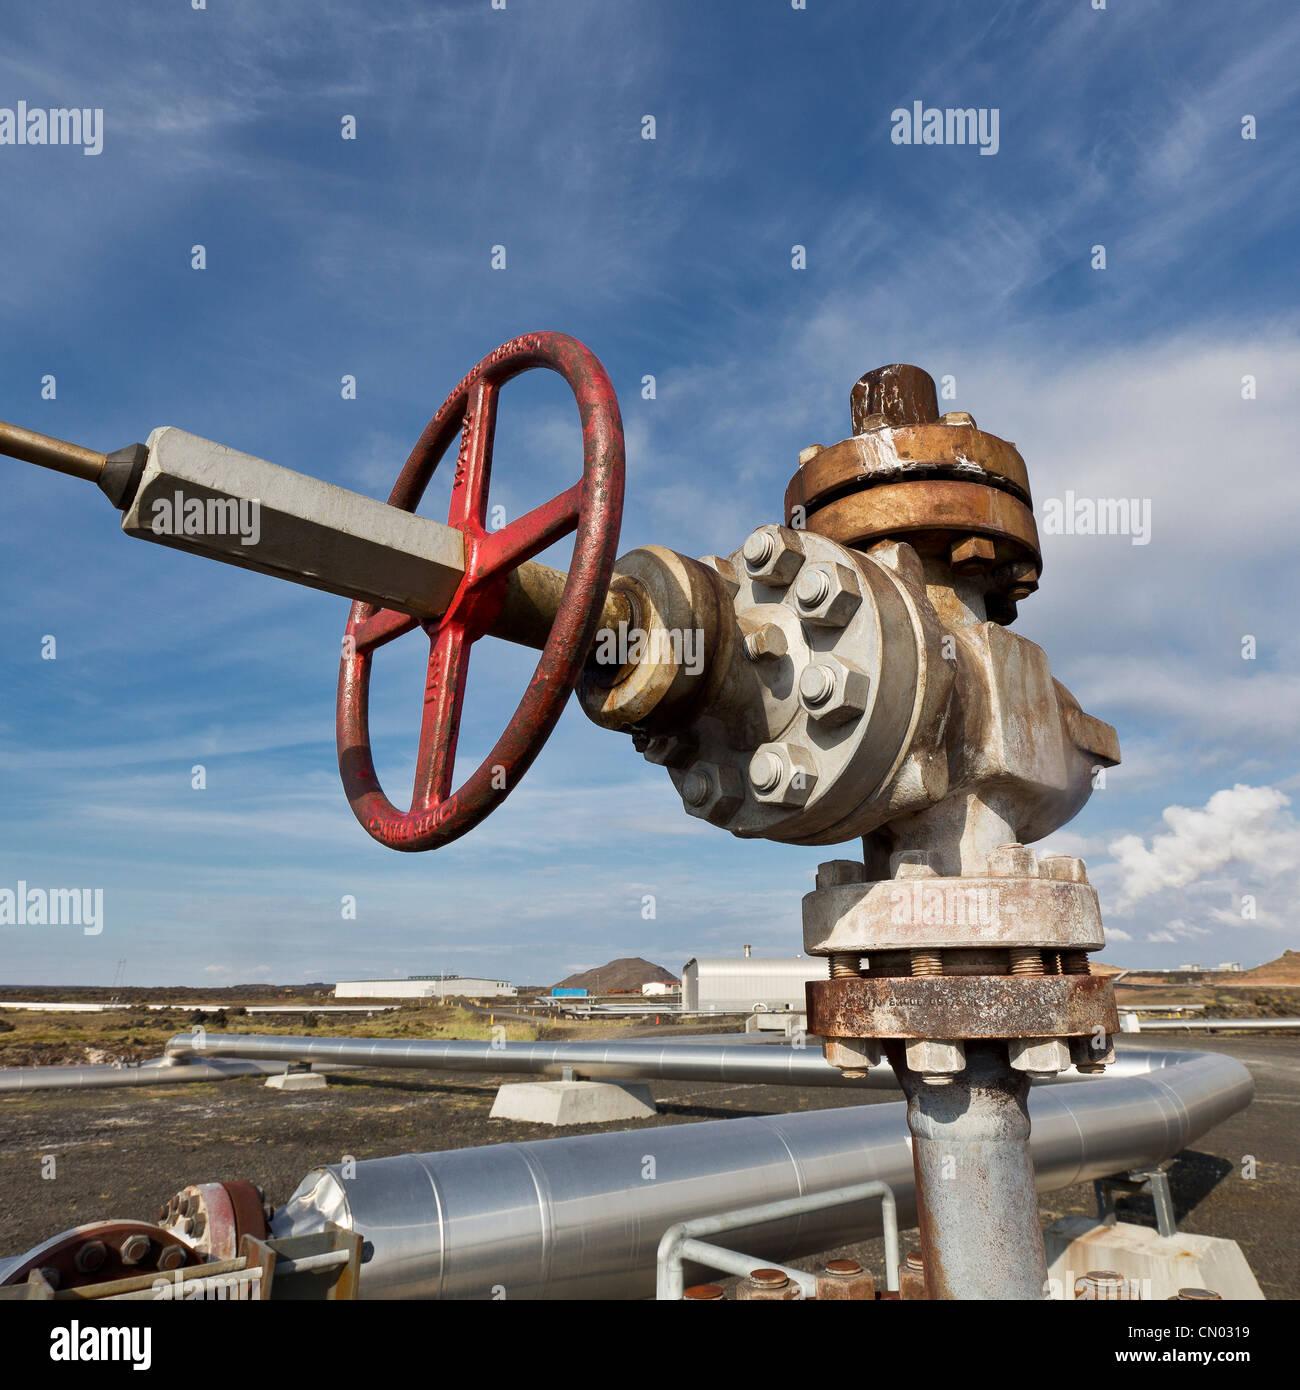 Rohre im Gunnhver Reykjanes geothermischen Kraftwerk, Halbinsel Reykjanes, Island Stockbild